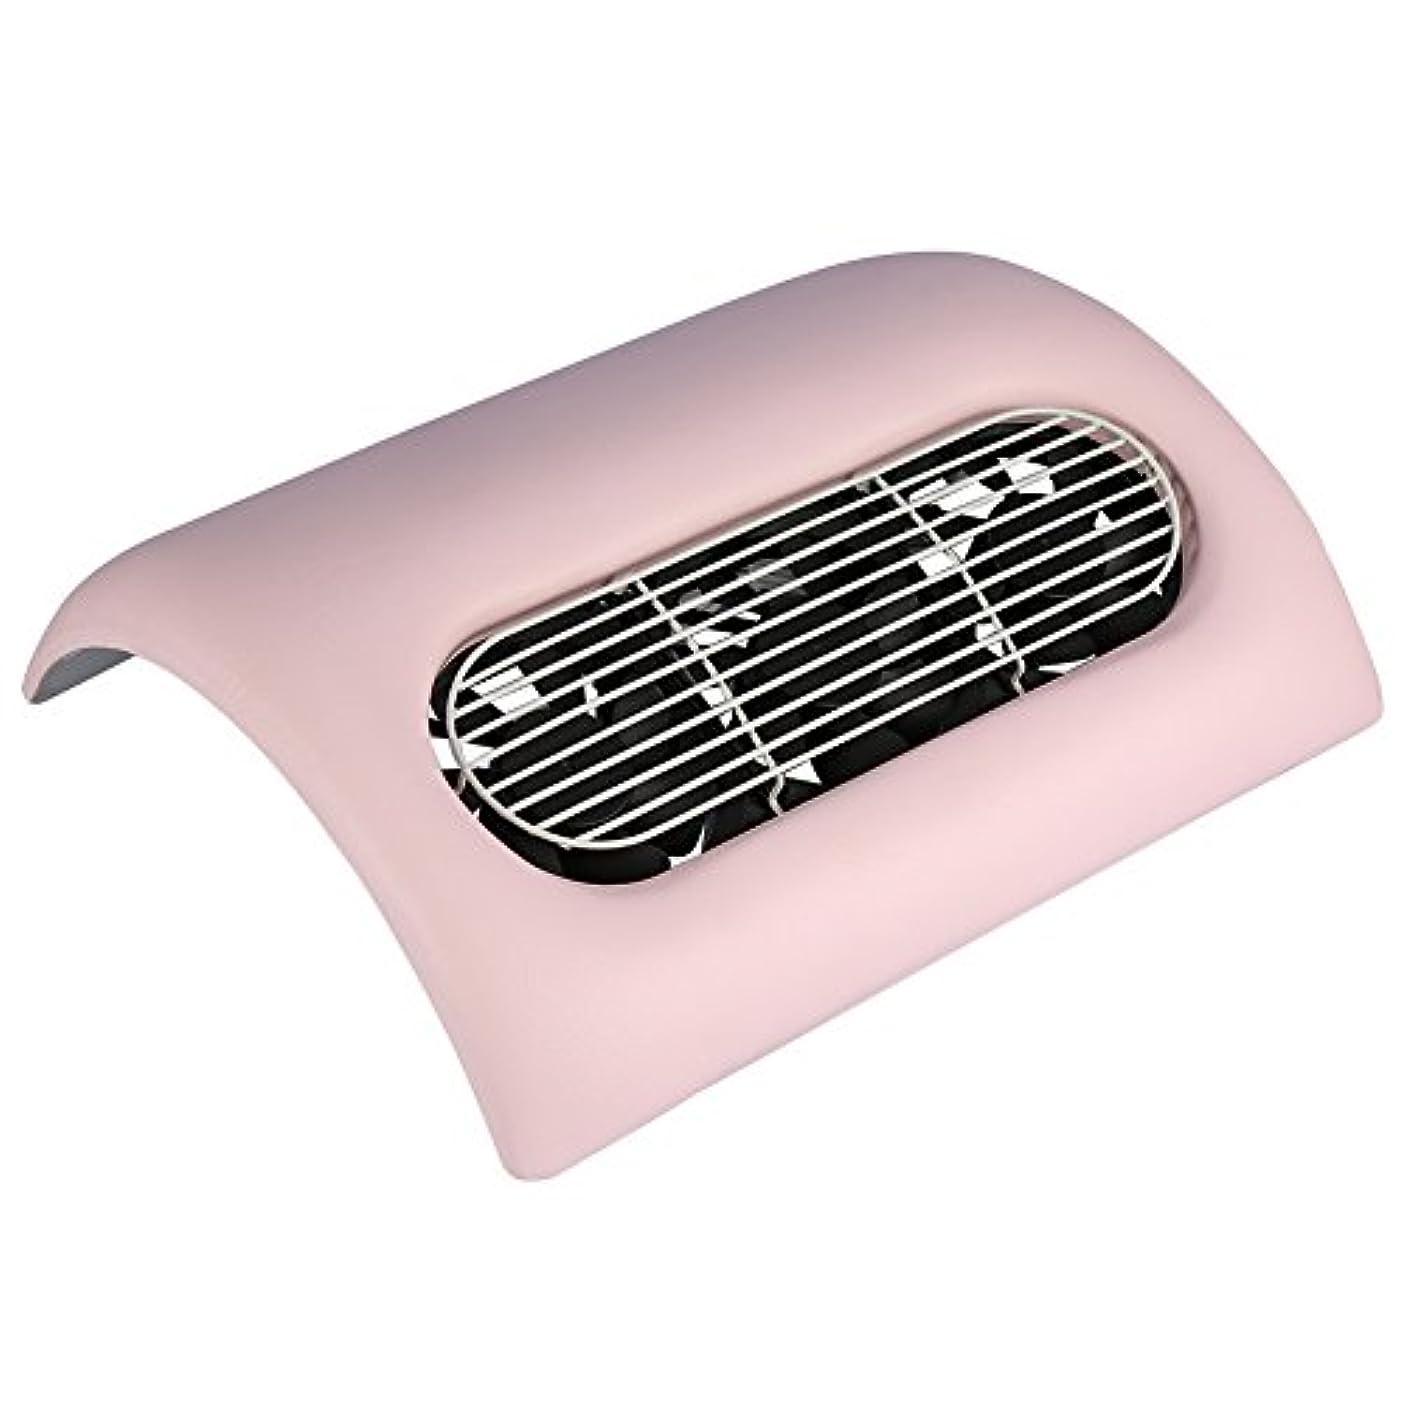 無許可夜間研磨剤ネイル集塵機 ネイルダストコレクター ネイルケア用 ネイルダスト ネイルダスト収納 3連ファン 強力 低騒音